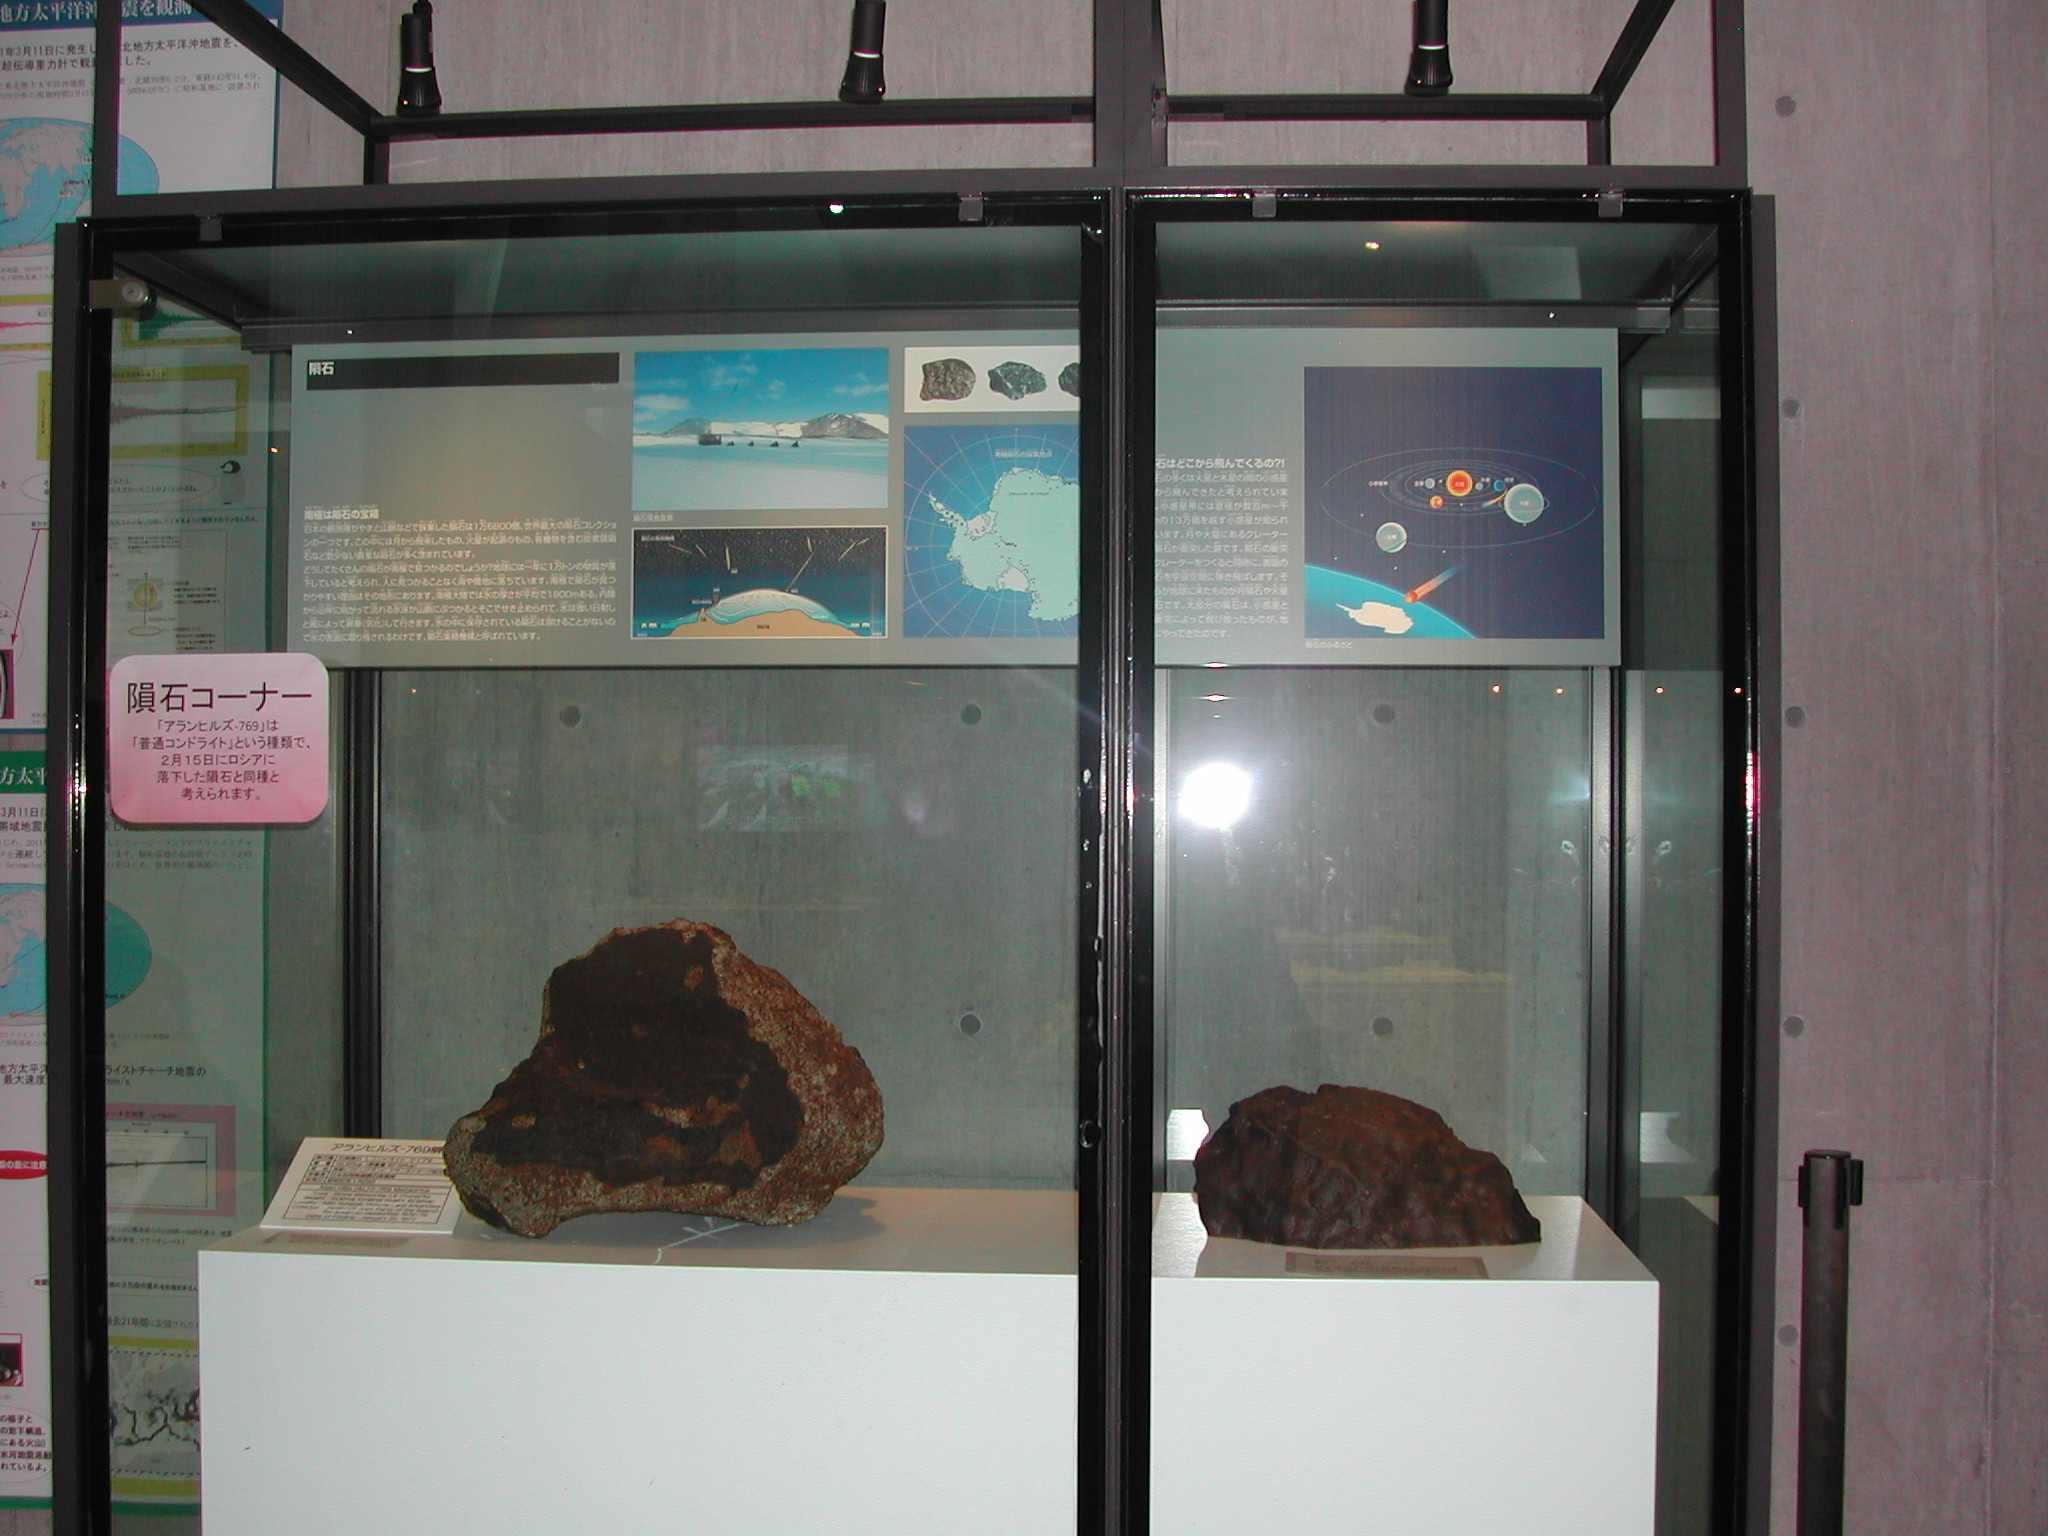 立川の国立極地研究所で隕石の不思議な世界に出会いました!